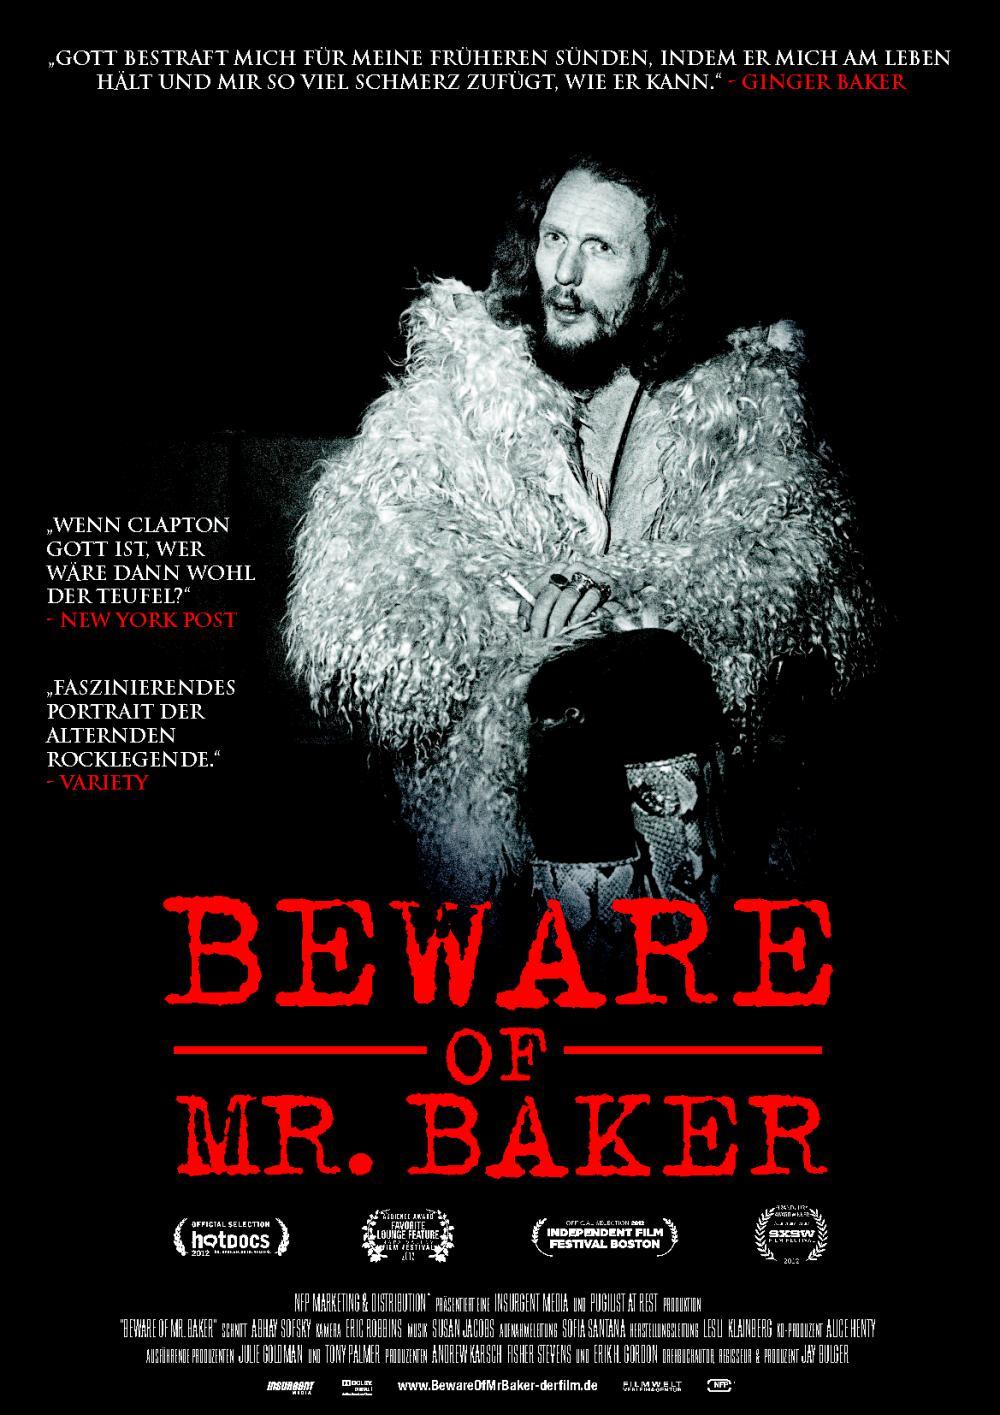 beware of mr baker trailer. Black Bedroom Furniture Sets. Home Design Ideas